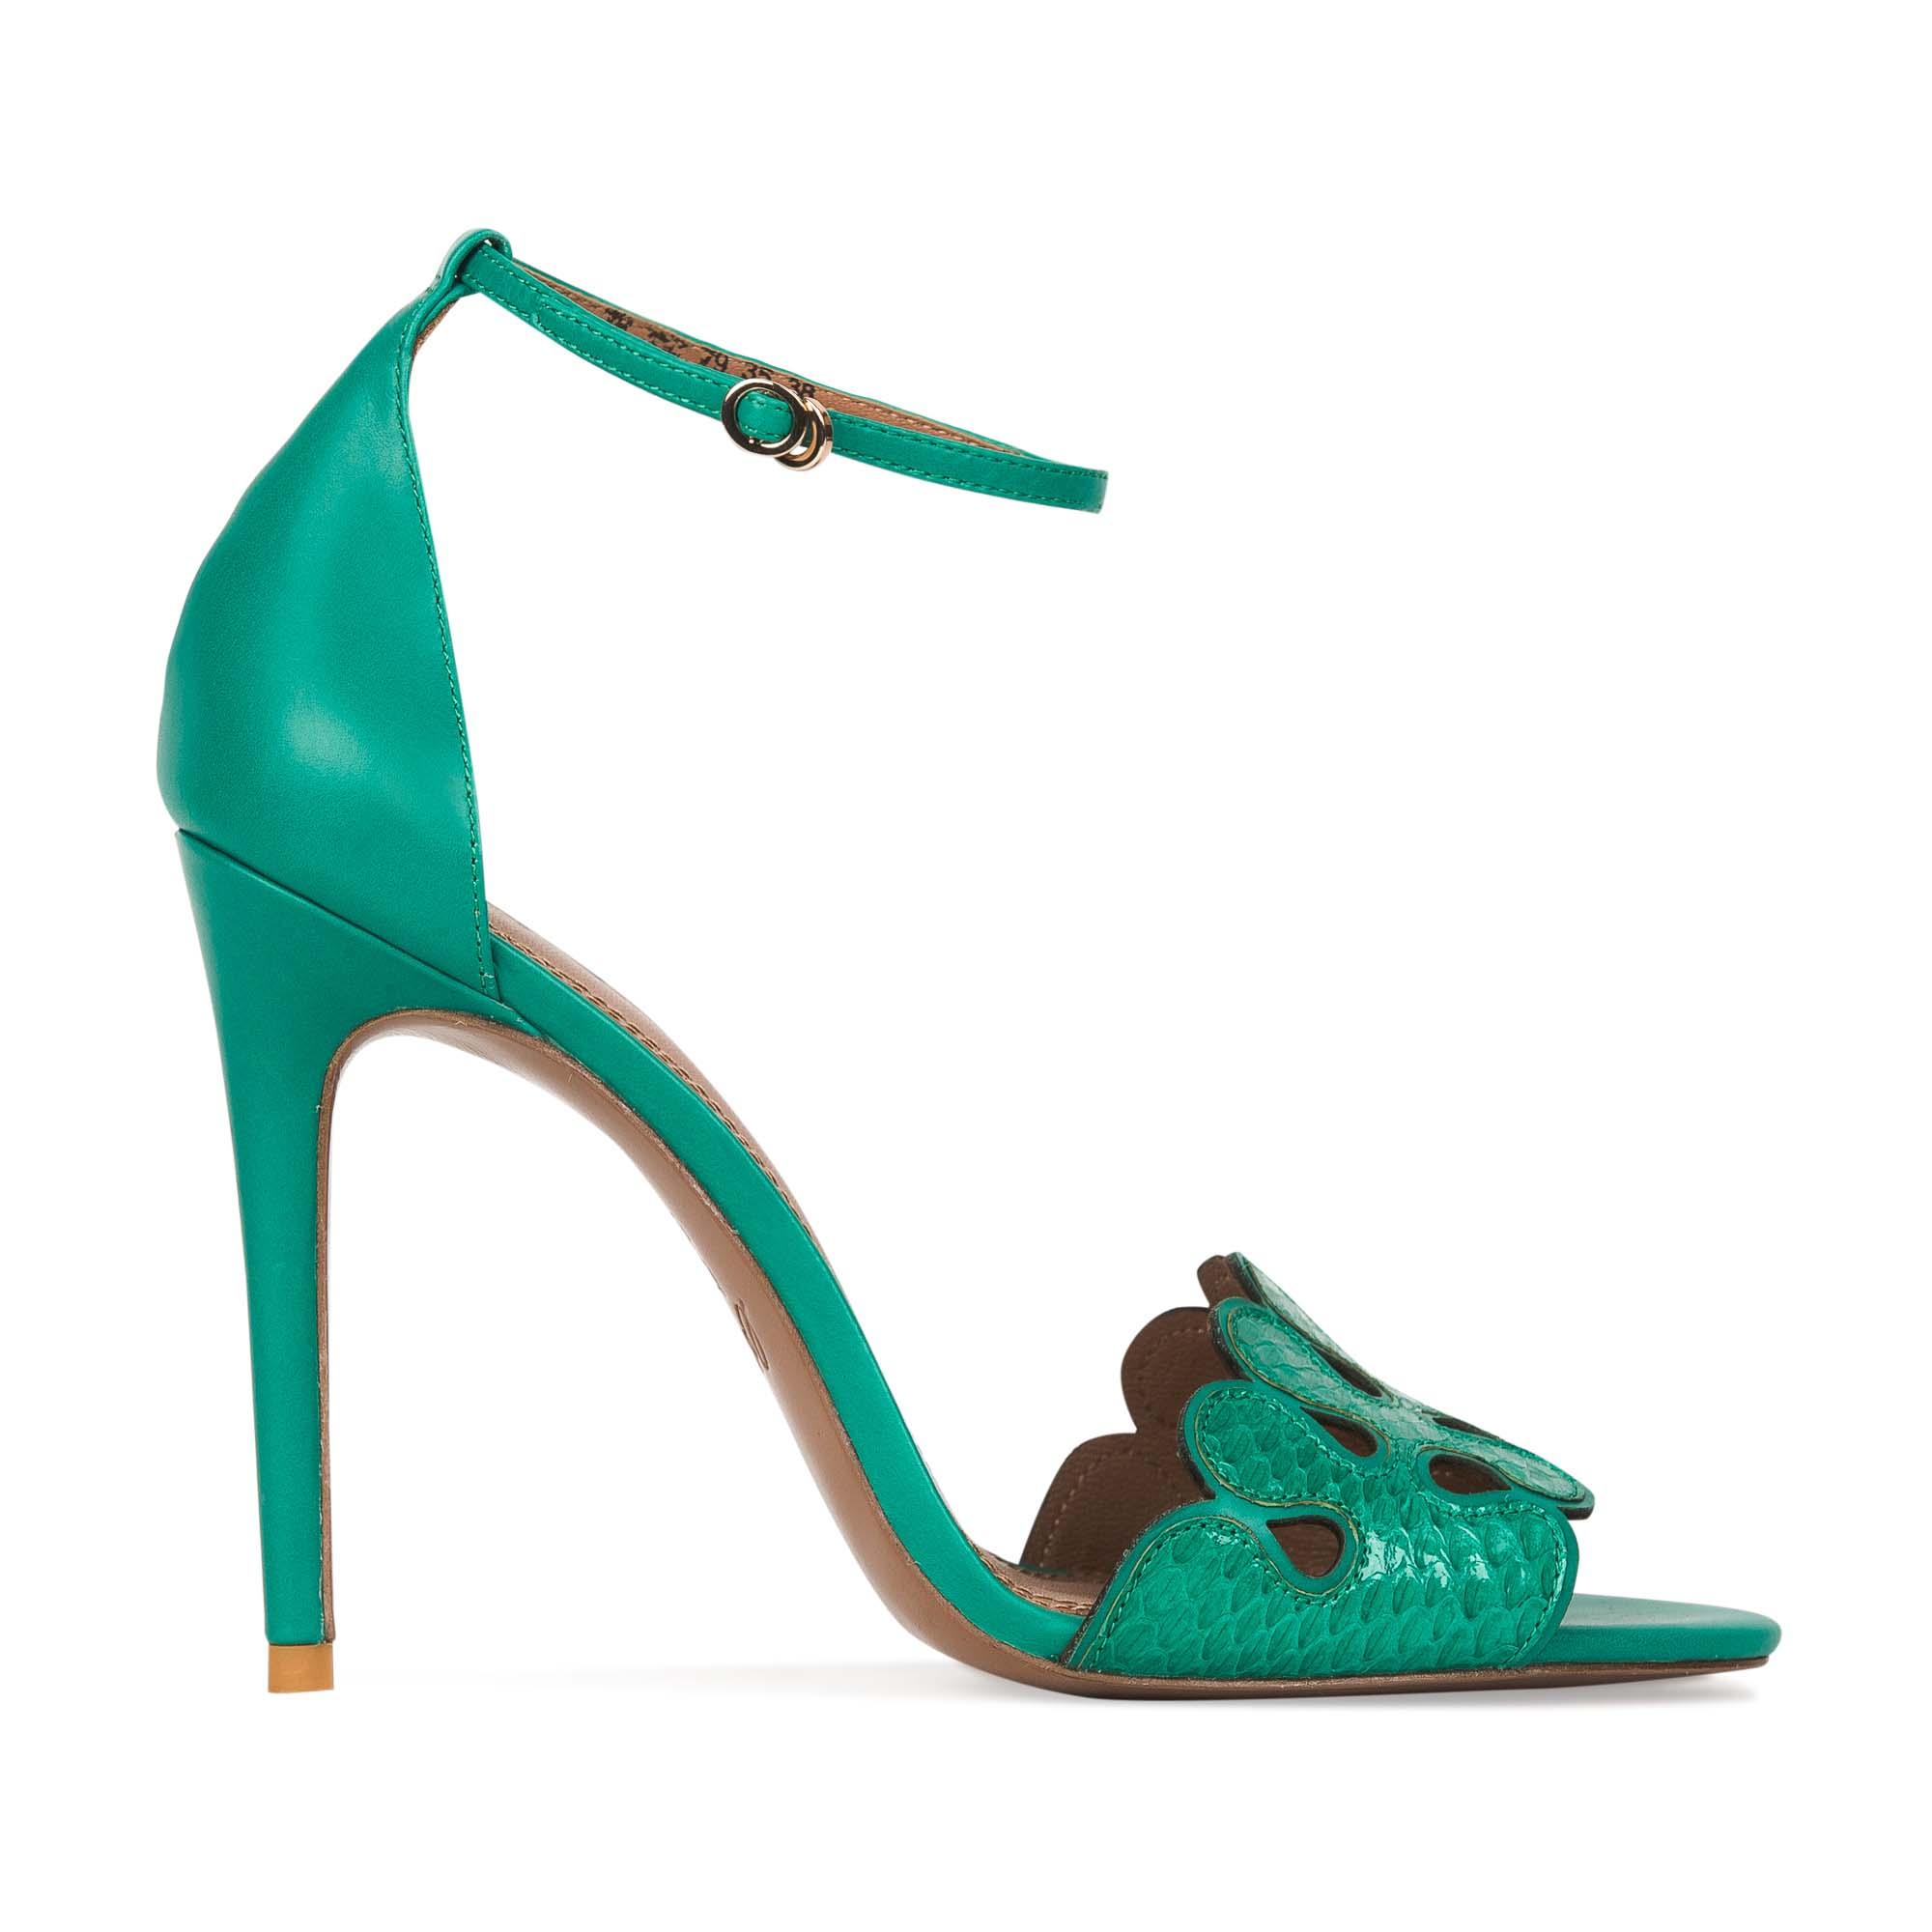 Босоножки из кожи змеи бирюзового цветаТуфли женские<br><br>Материал верха: Кожа змеи<br>Материал подкладки: Кожа<br>Материал подошвы: Кожа<br>Цвет: Зеленый<br>Высота каблука: 10 см<br>Дизайн: Италия<br>Страна производства: Китай<br><br>Высота каблука: 10 см<br>Материал верха: Кожа змеи<br>Материал подкладки: Кожа<br>Цвет: Зеленый<br>Вес кг: 0.38000000<br>Размер обуви: 36*